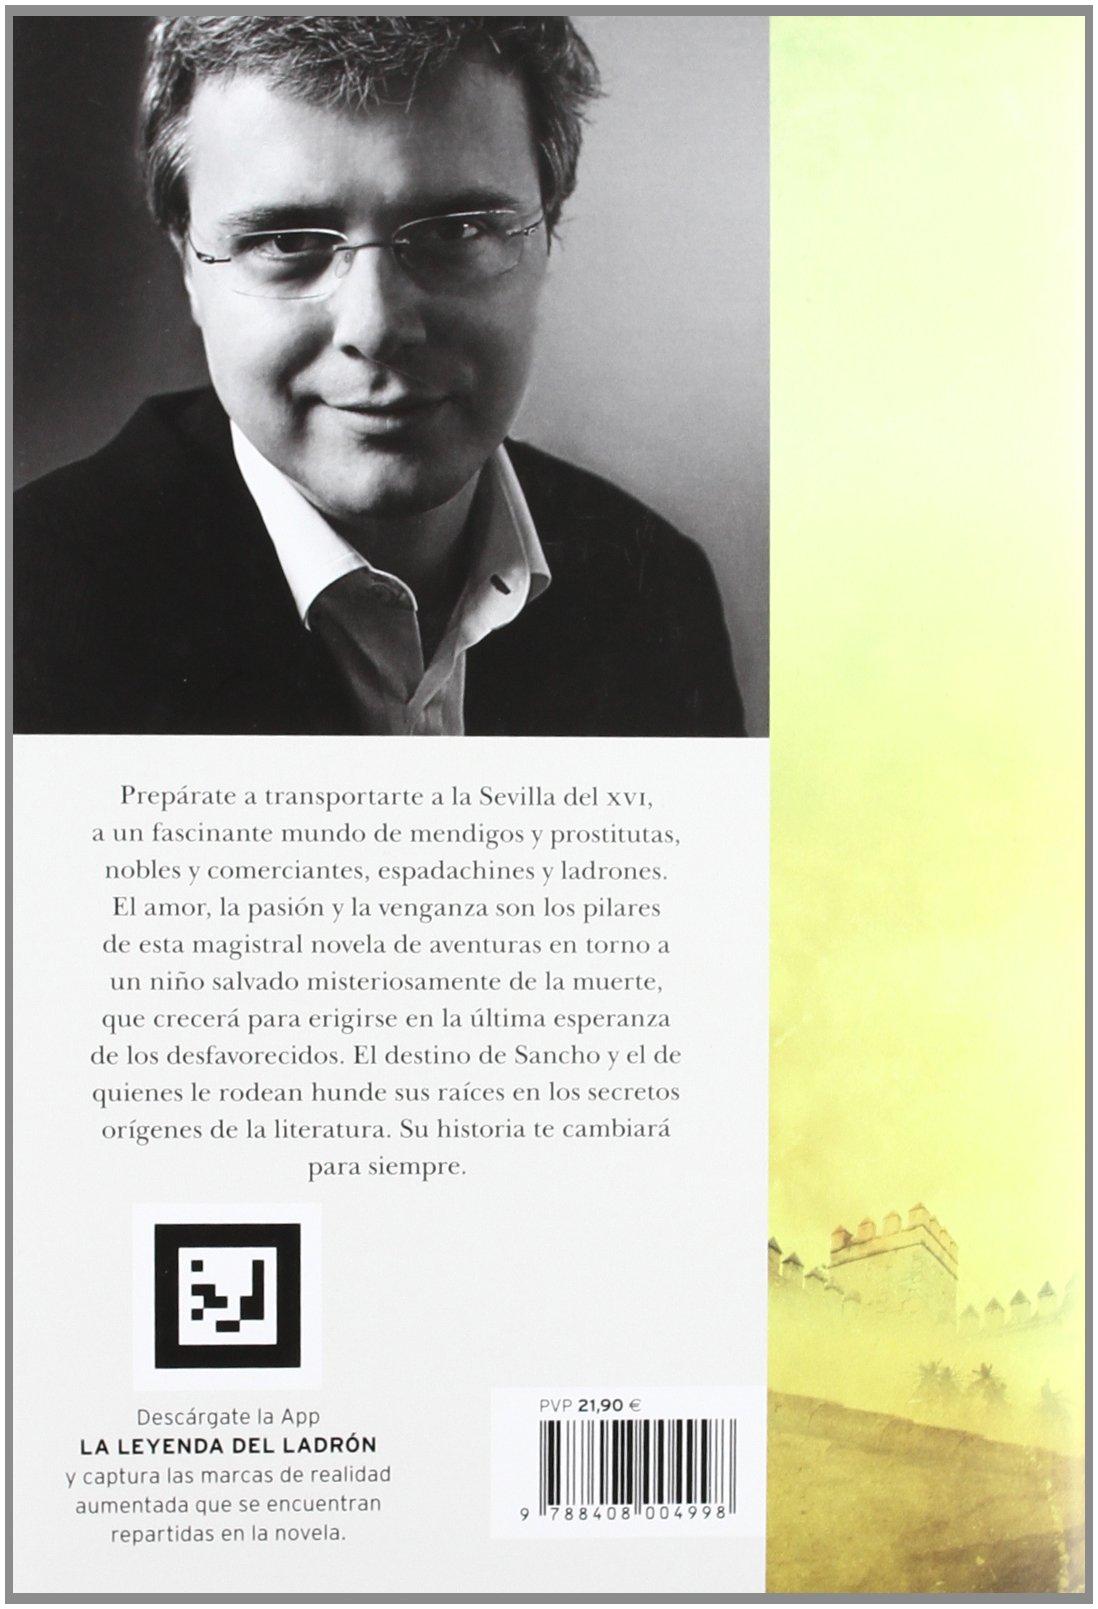 La leyenda del ladrón: Juan Gómez-Jurado: 9788408004998: Amazon.com: Books